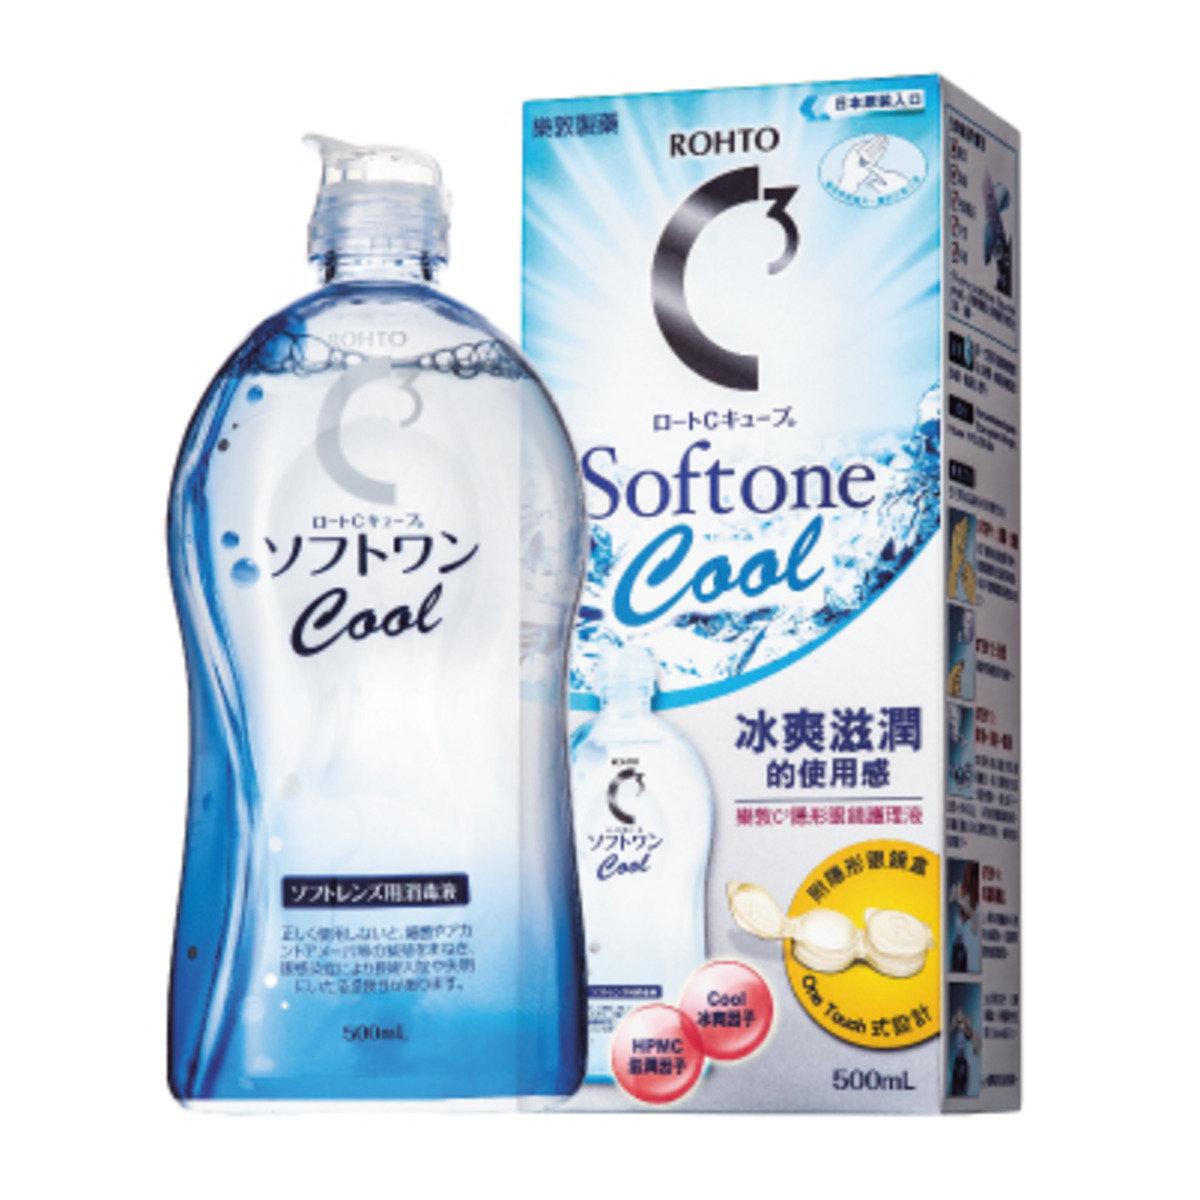 樂敦 C3 Softone Cool 隱形眼鏡護理液